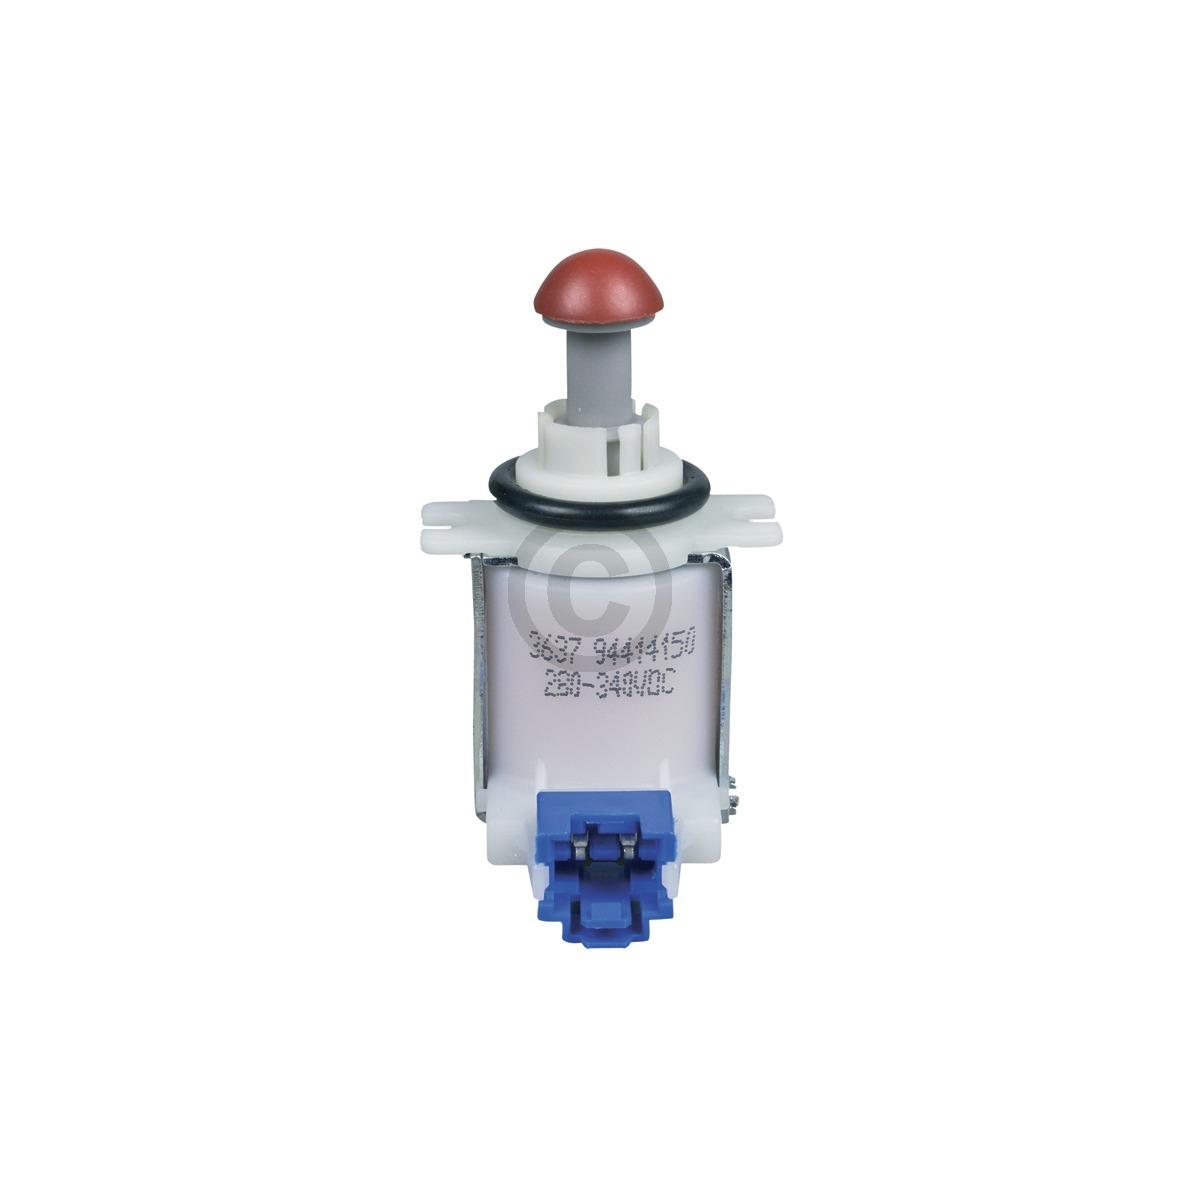 Ventil Bosch 00631199 für Wassertasche unten Geschirrspüler